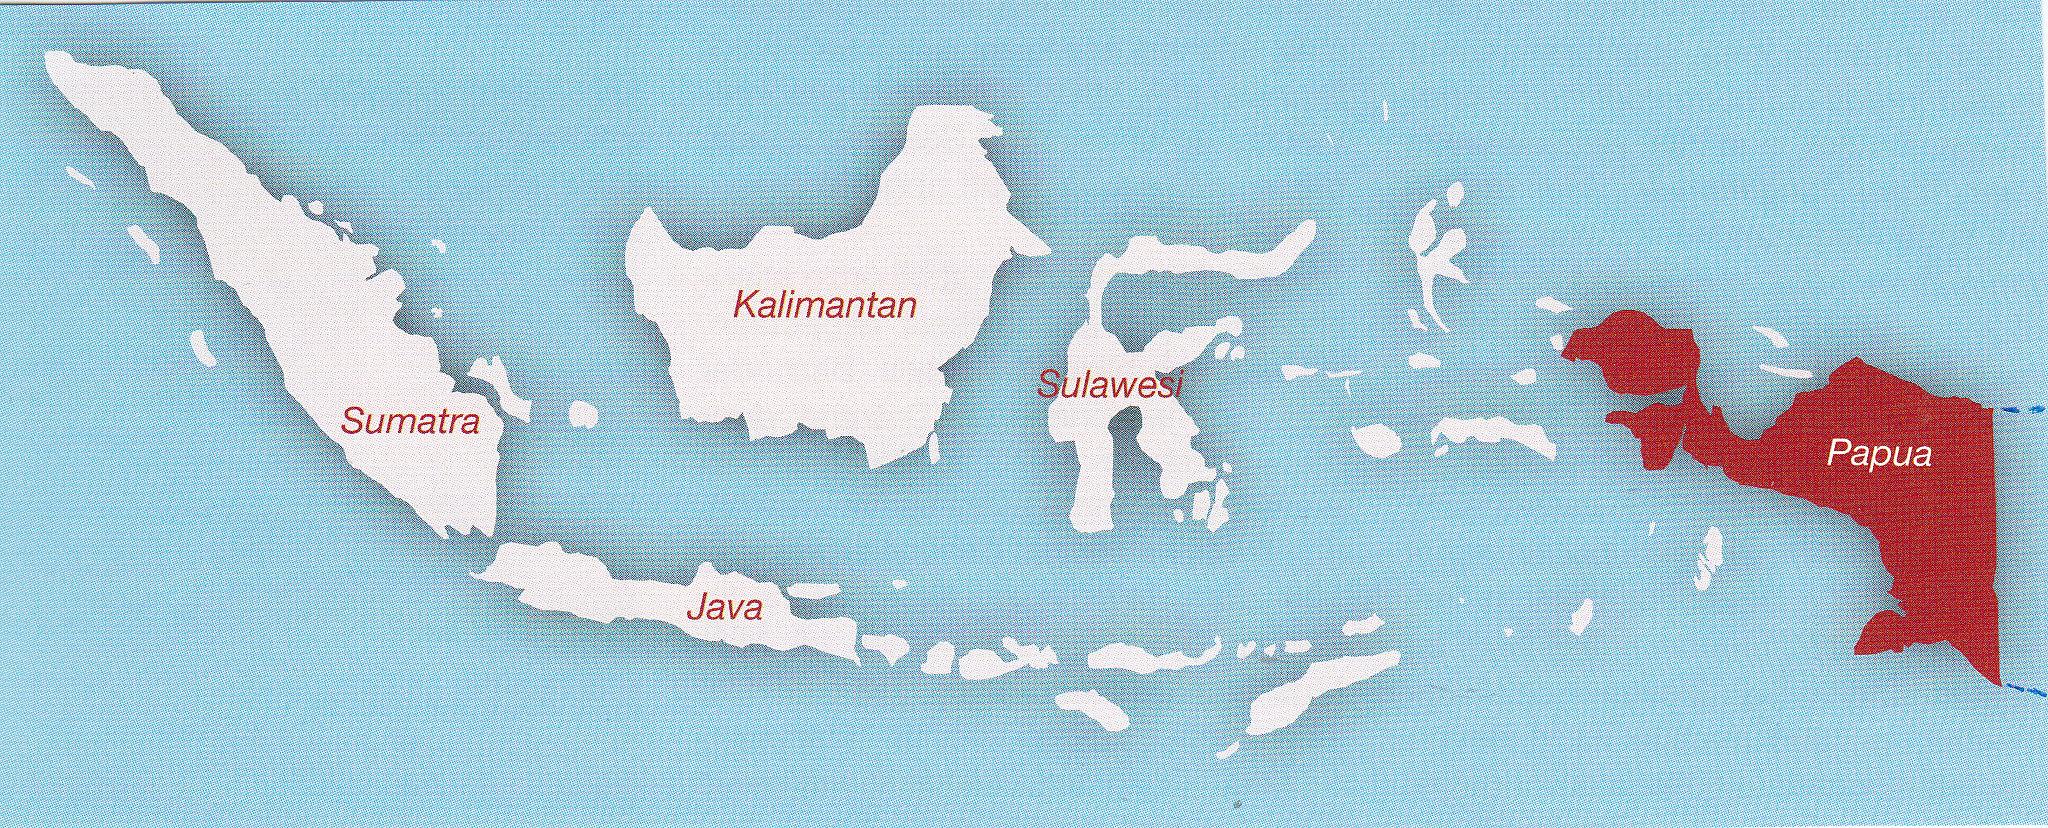 Landkaart van Indonesië en Papua Nieuw Guinea